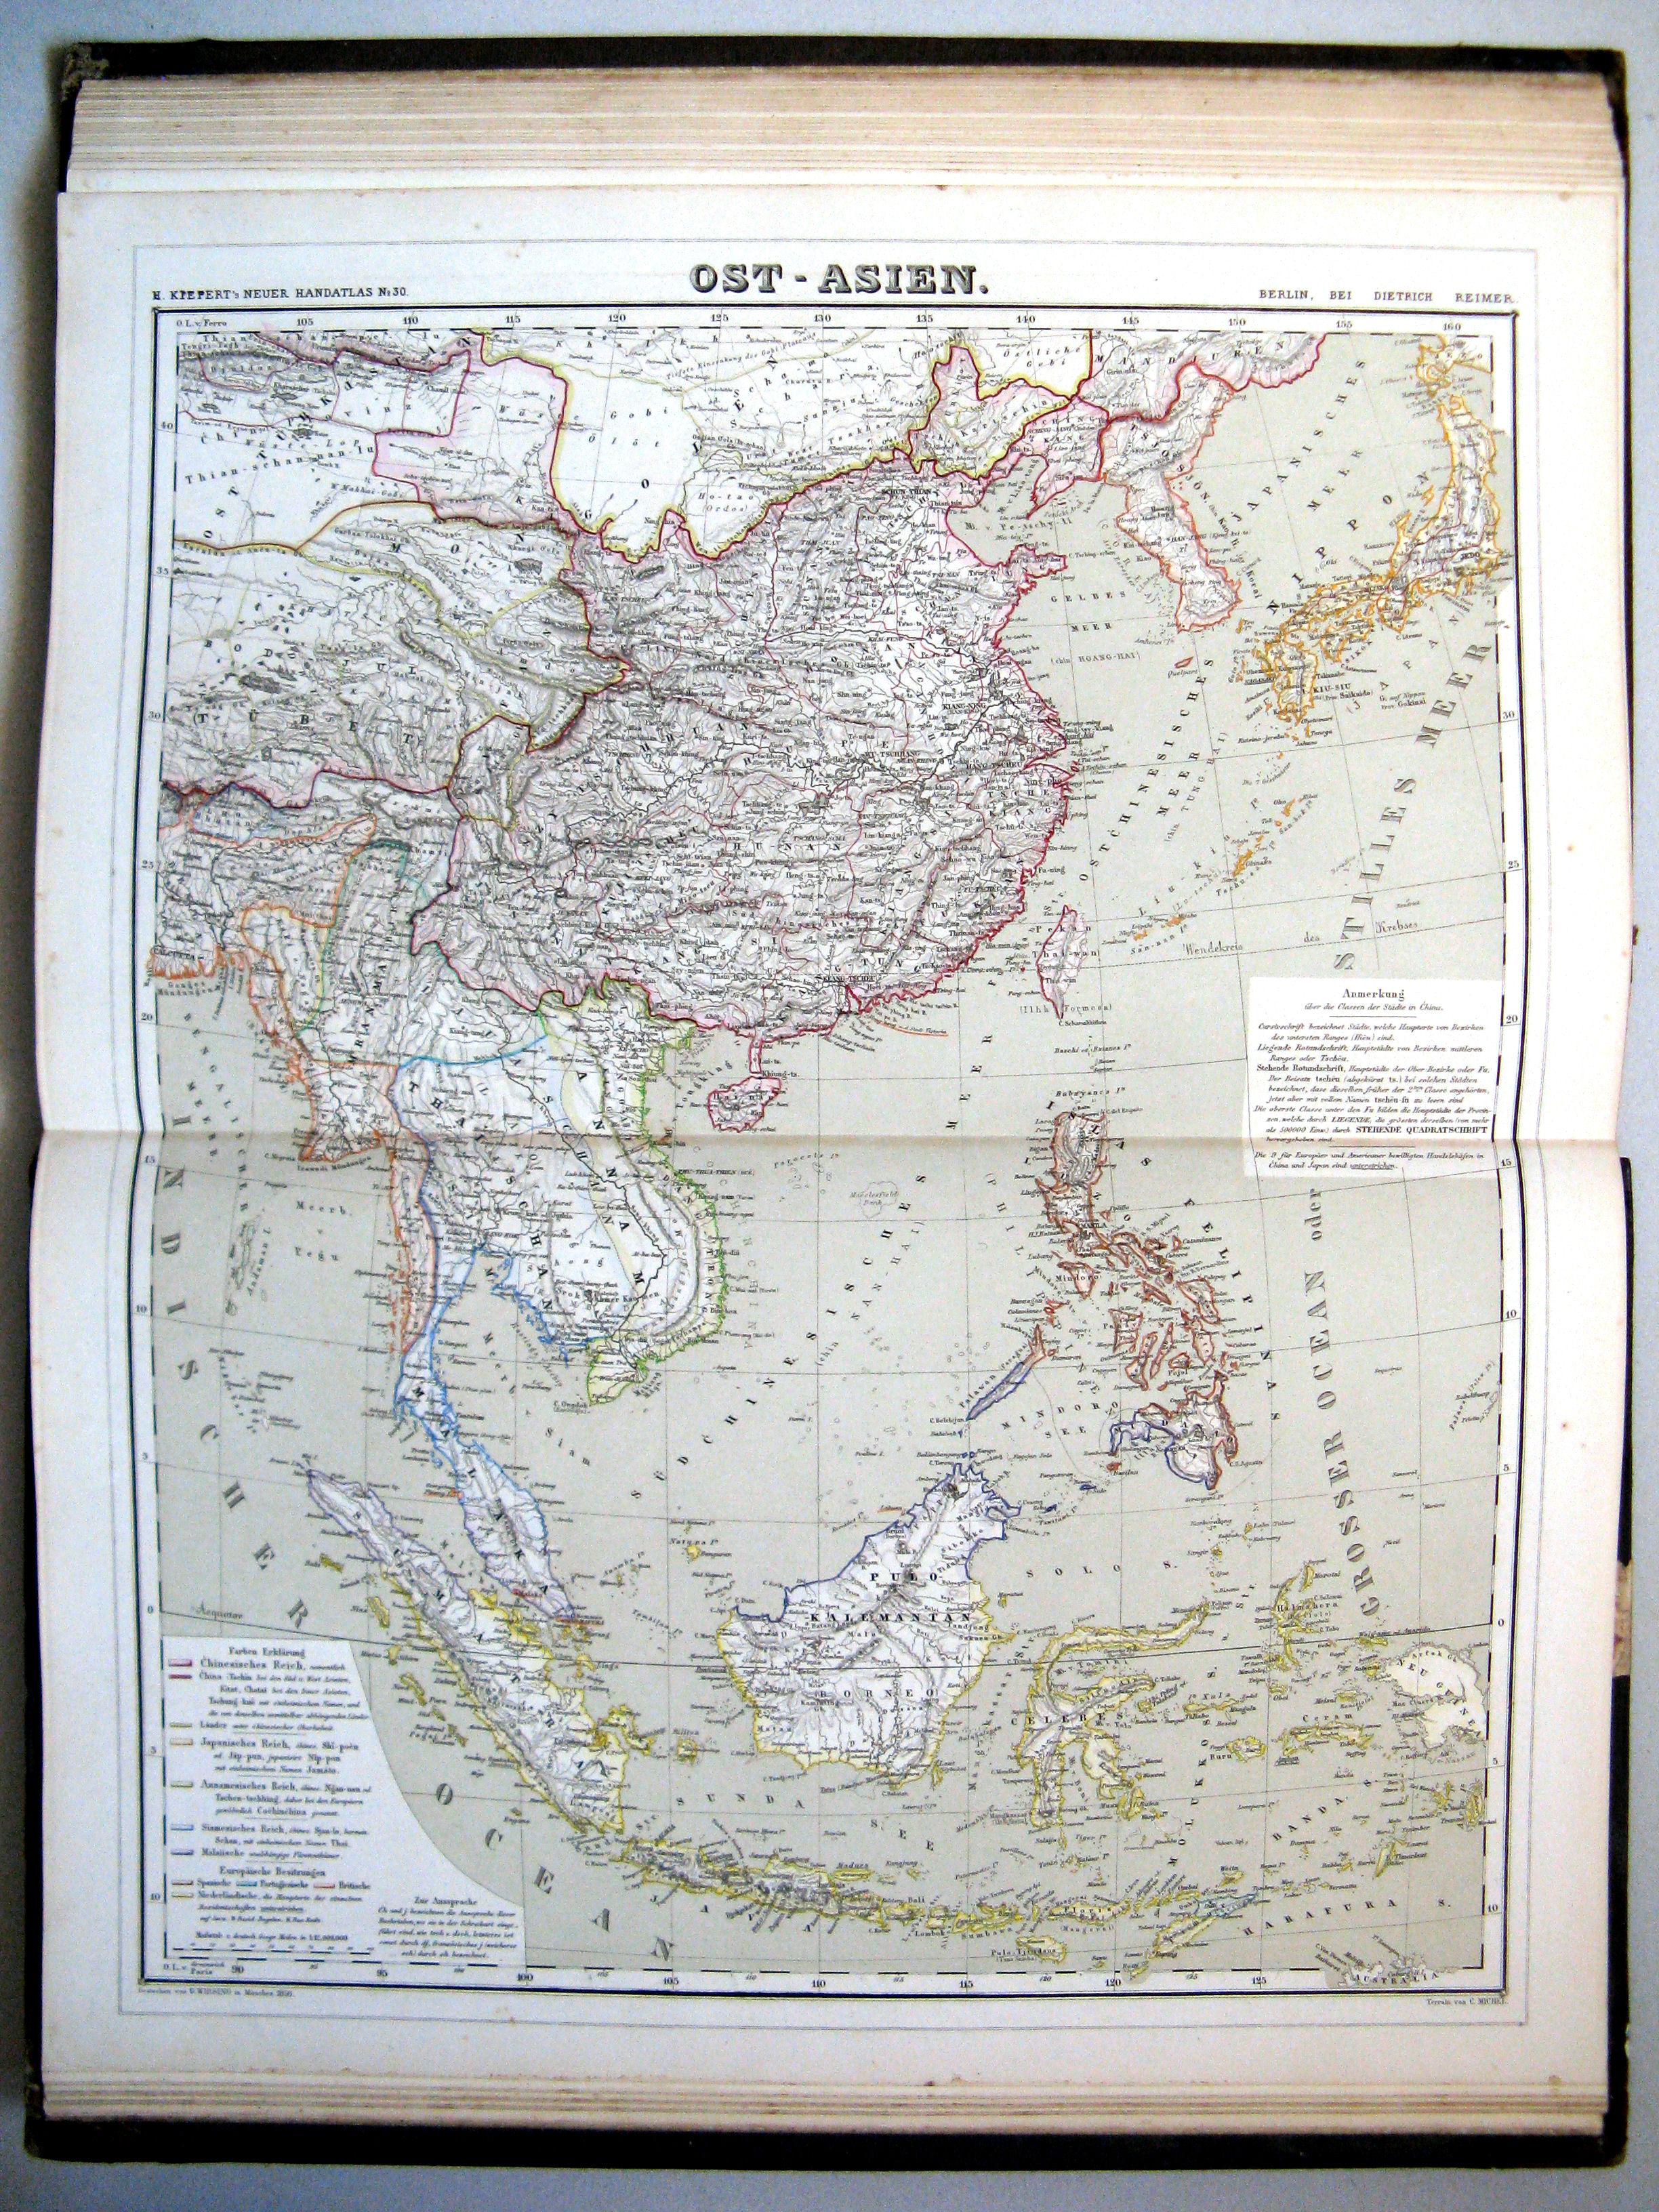 http://www.atlassen.info/atlassen/reimer/kieha01/picslarge/kieha1860k030.jpg